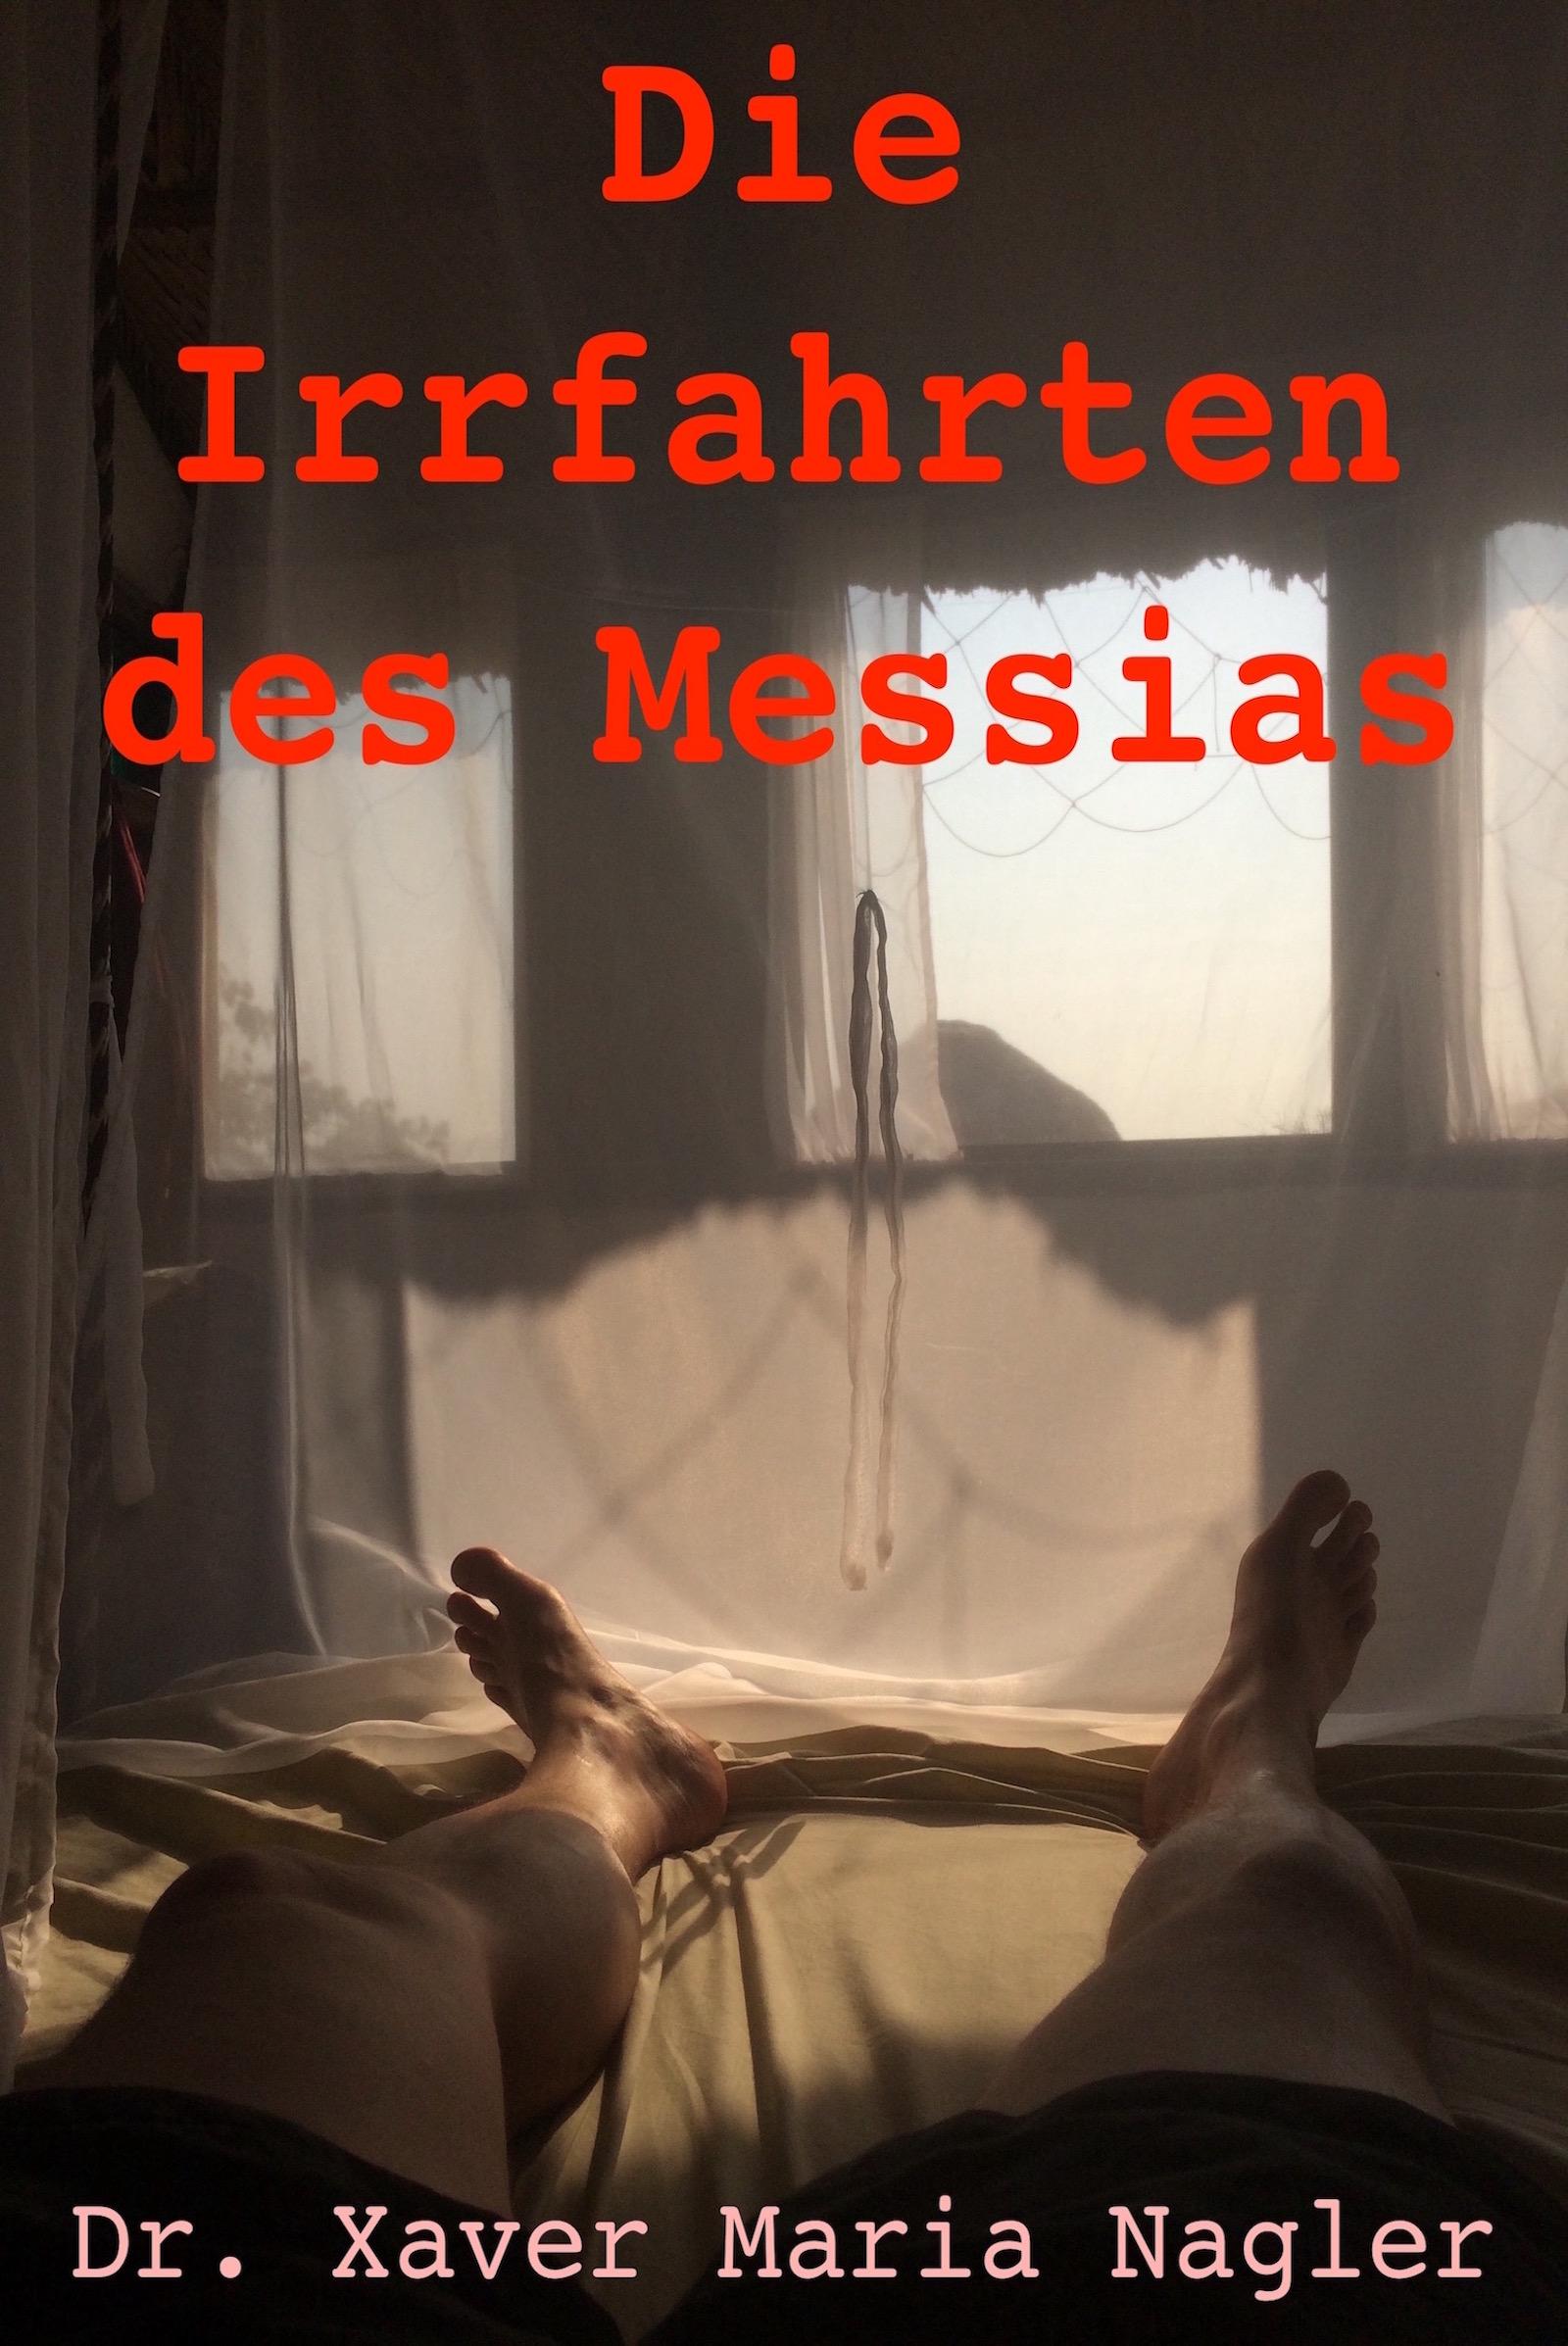 Dr. Xaver Maria Nagler – Die Irrfahrten des Messias